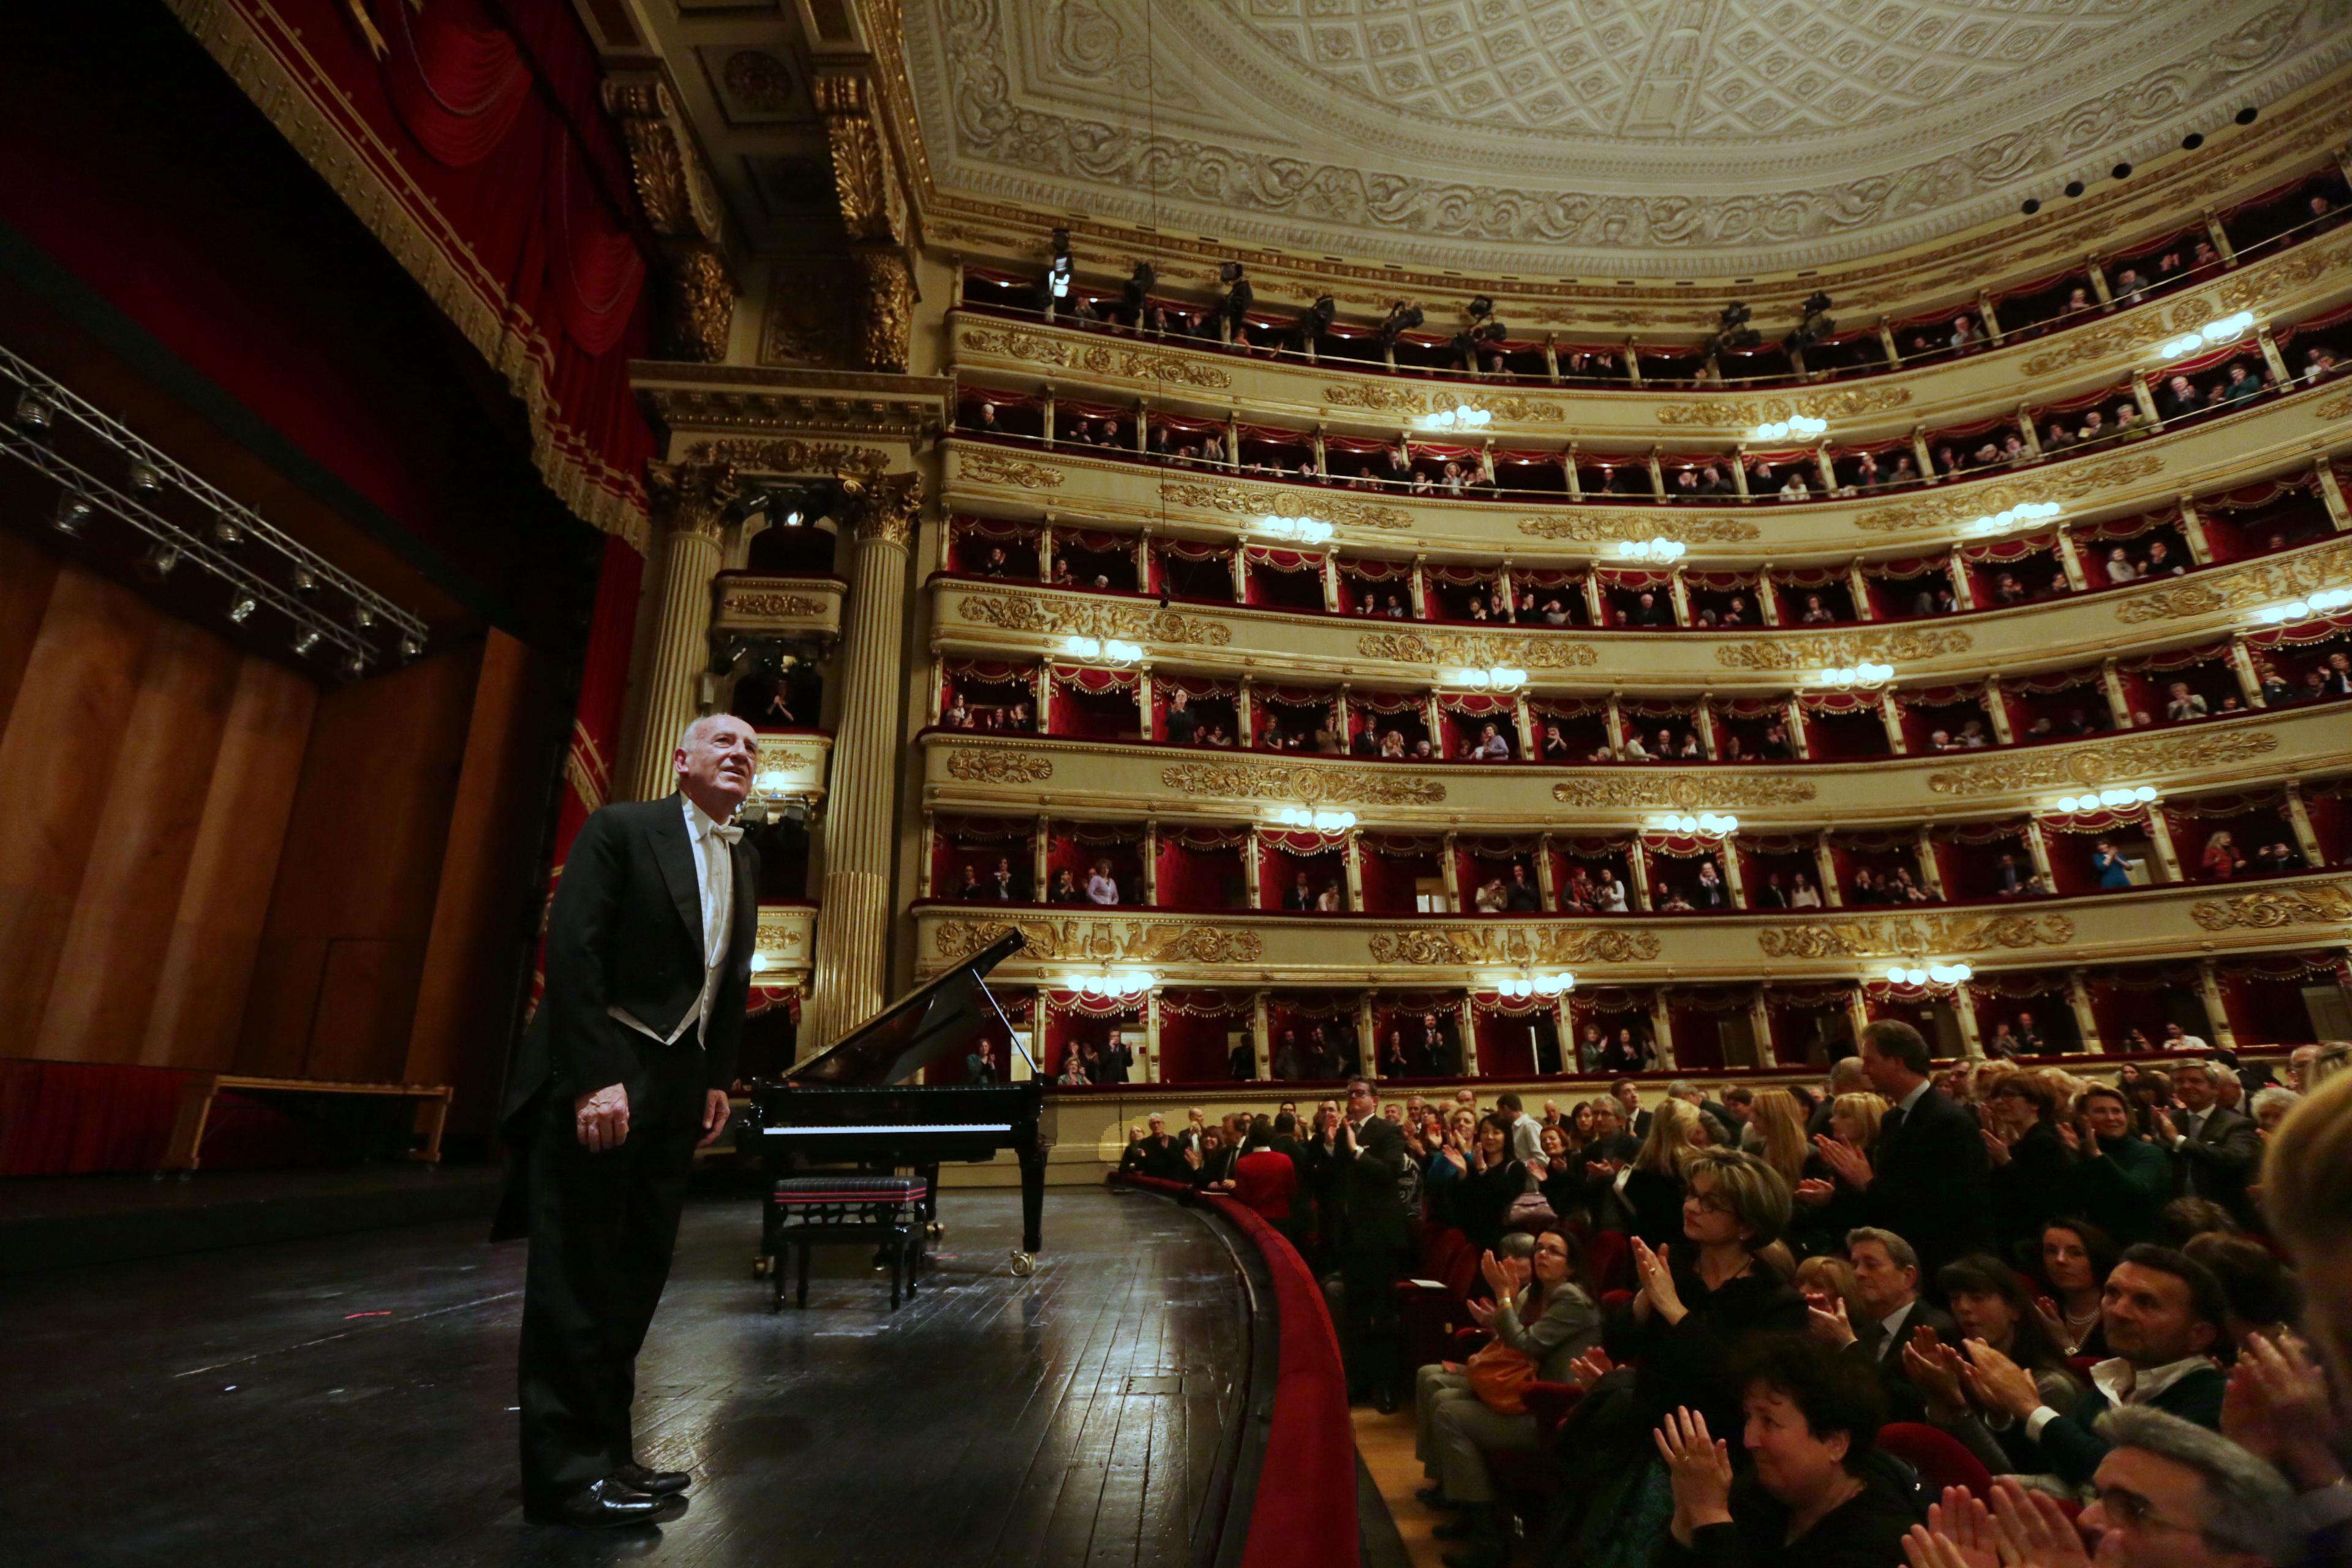 Maurizio Pollini - credits Brescia e Amisano/Teatro alla Scala